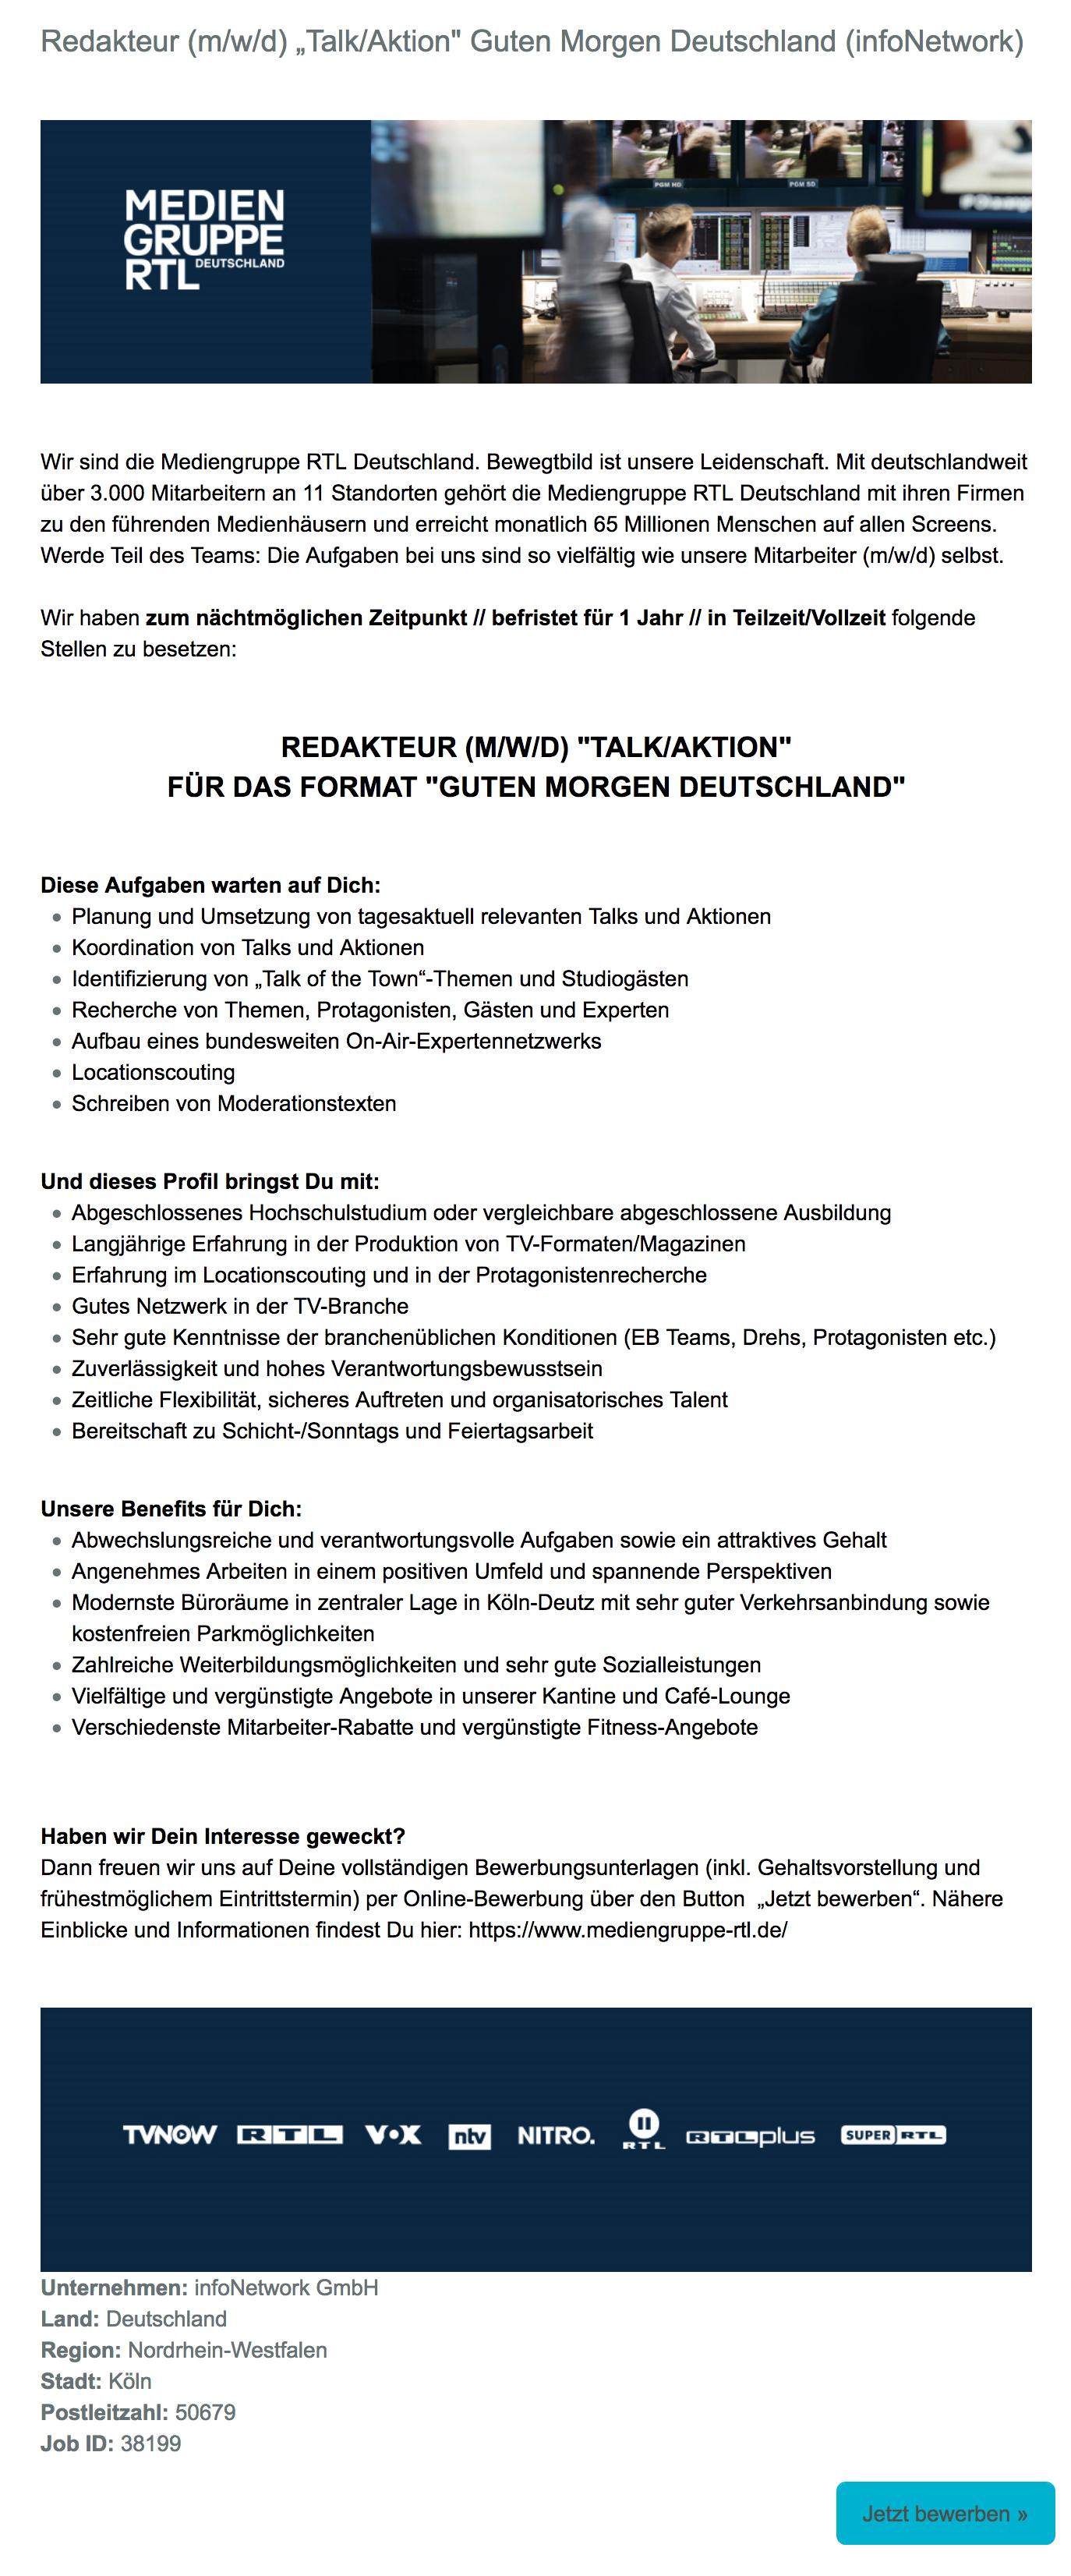 Mediengruppe Rtl Deutschland Köln Sucht Redakteur Mwd